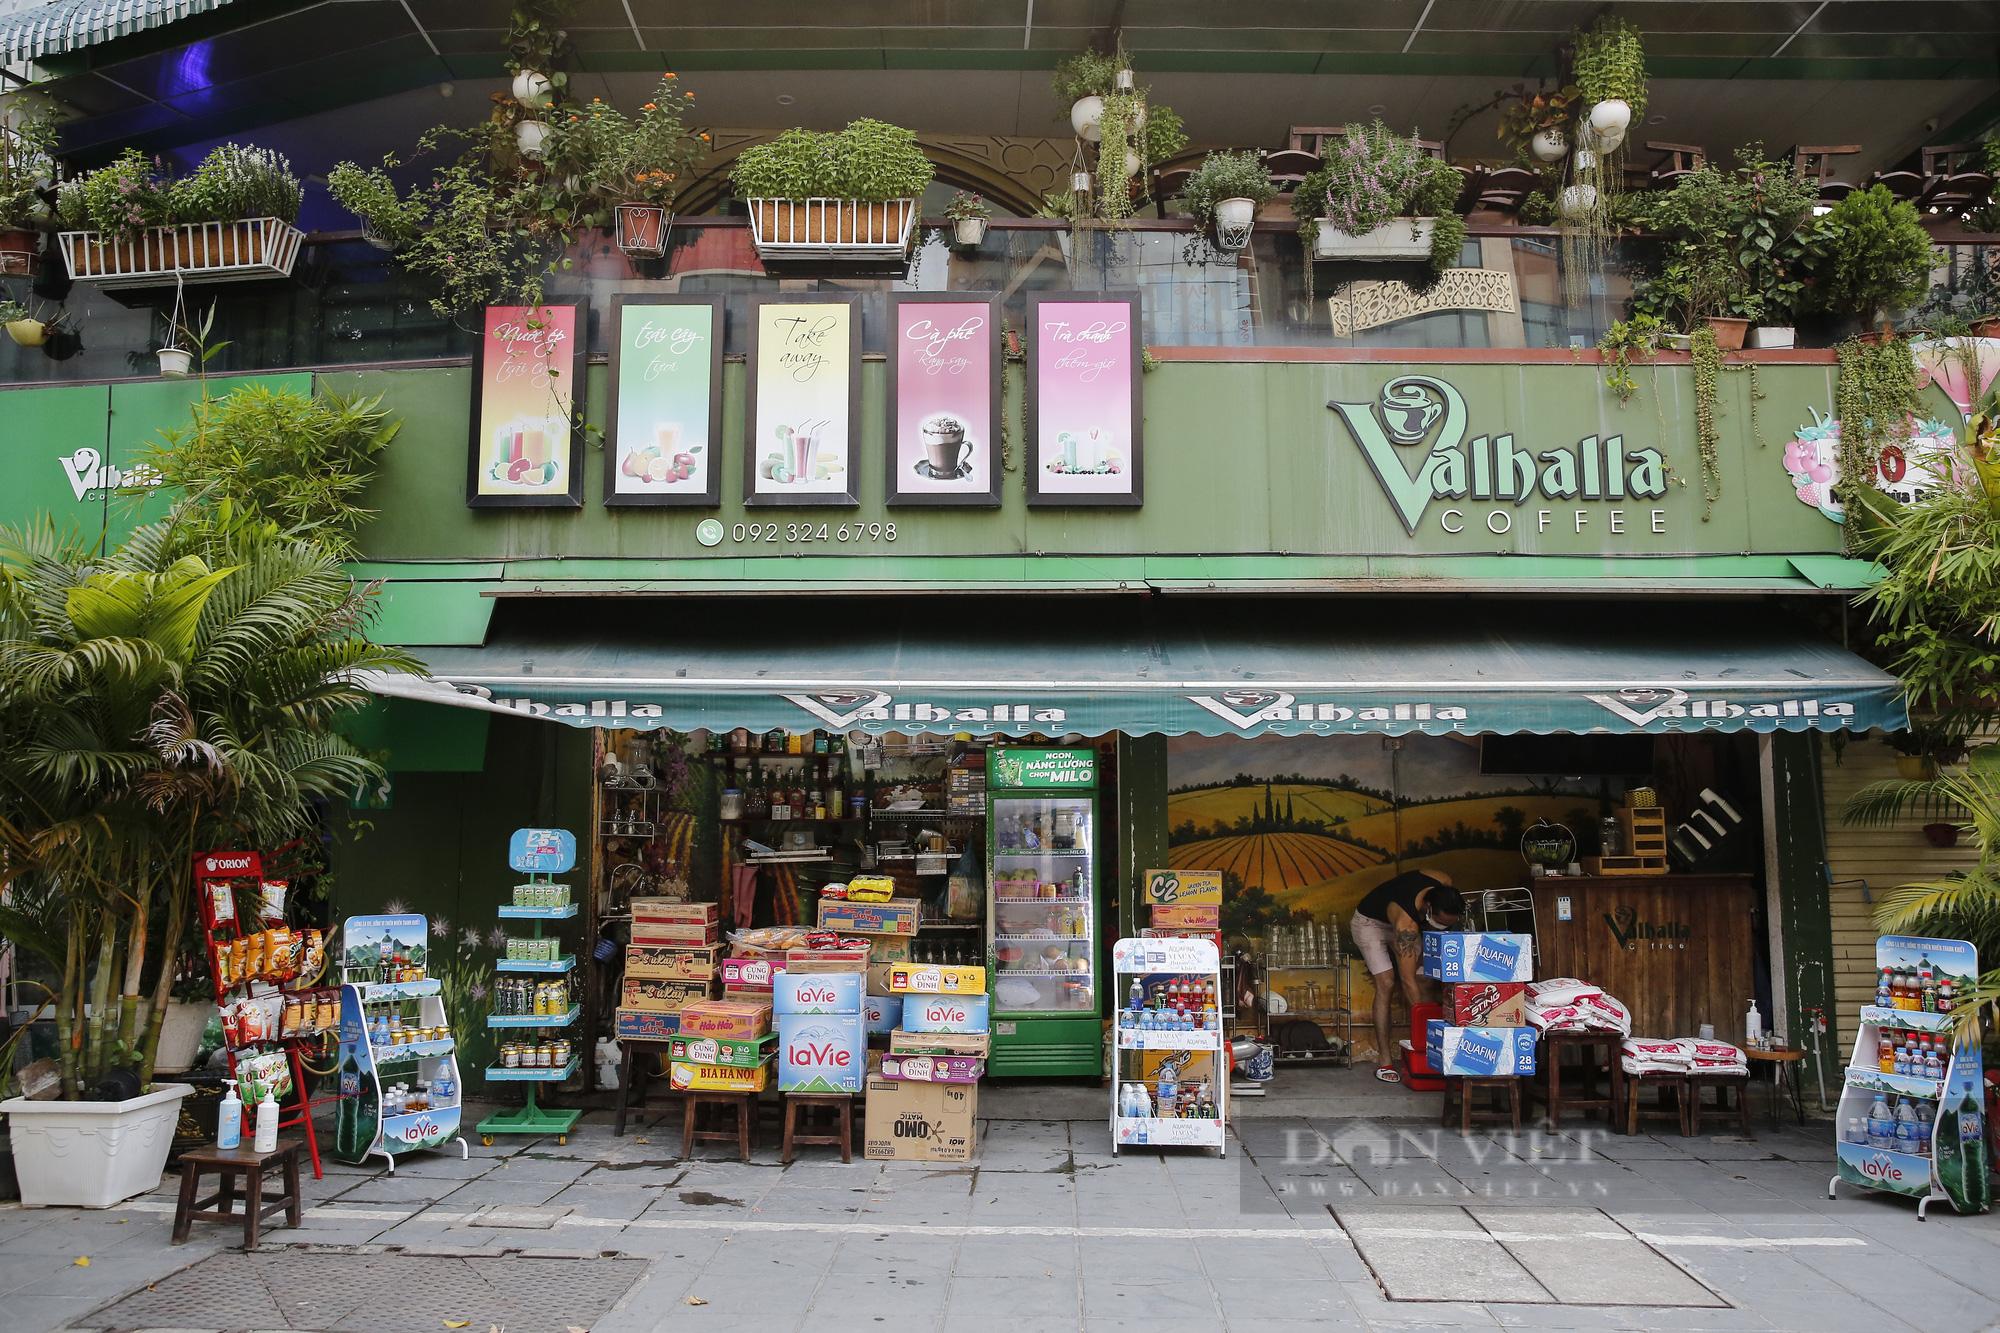 Hà Nội: Nhà hàng, quán cà phê, tiệm cắt tóc... chuyển sang bán thực phẩm thiết yếu - Ảnh 3.